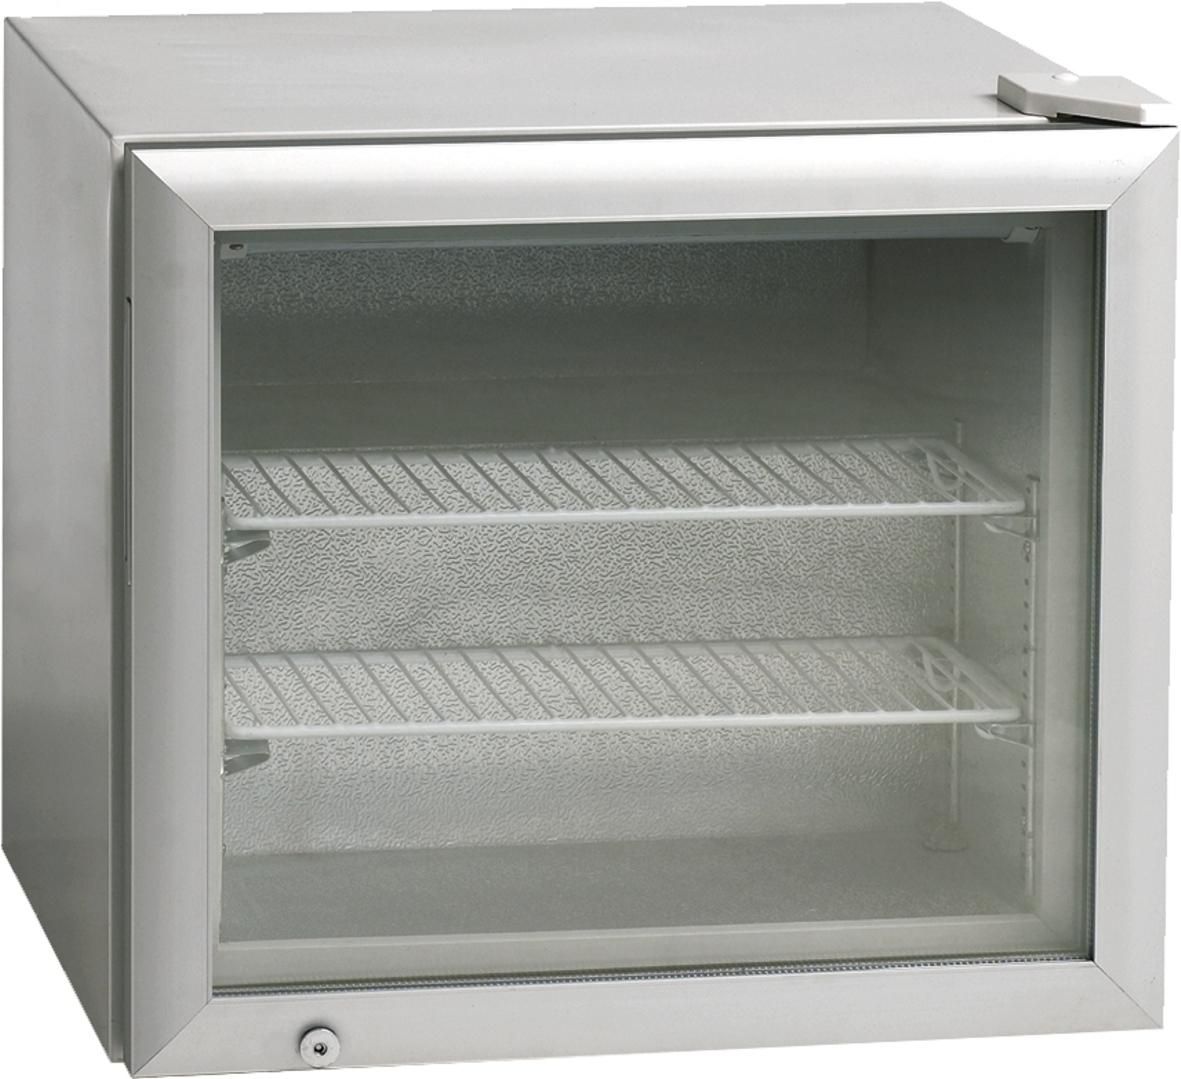 Tiefkühlschrank - UF 50 G - Esta